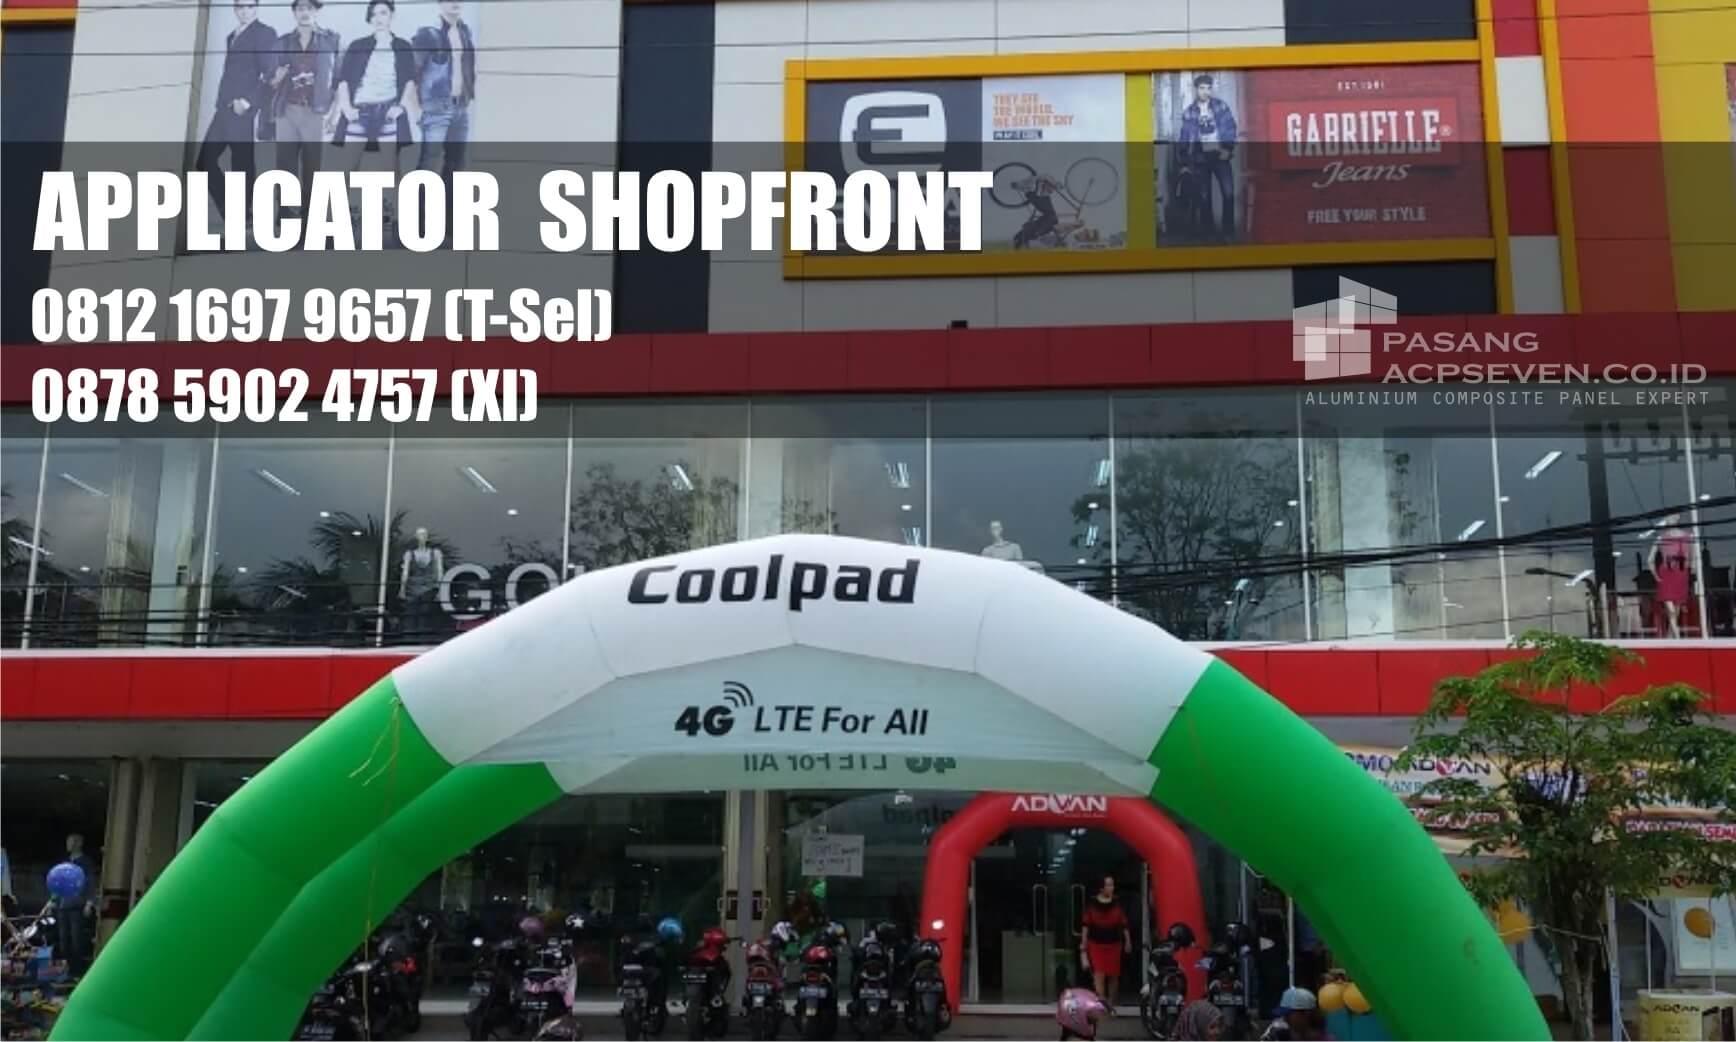 shopfront kontraktor surabaya, shoppfront aplicator surabaya, shopfront architecture surabaya